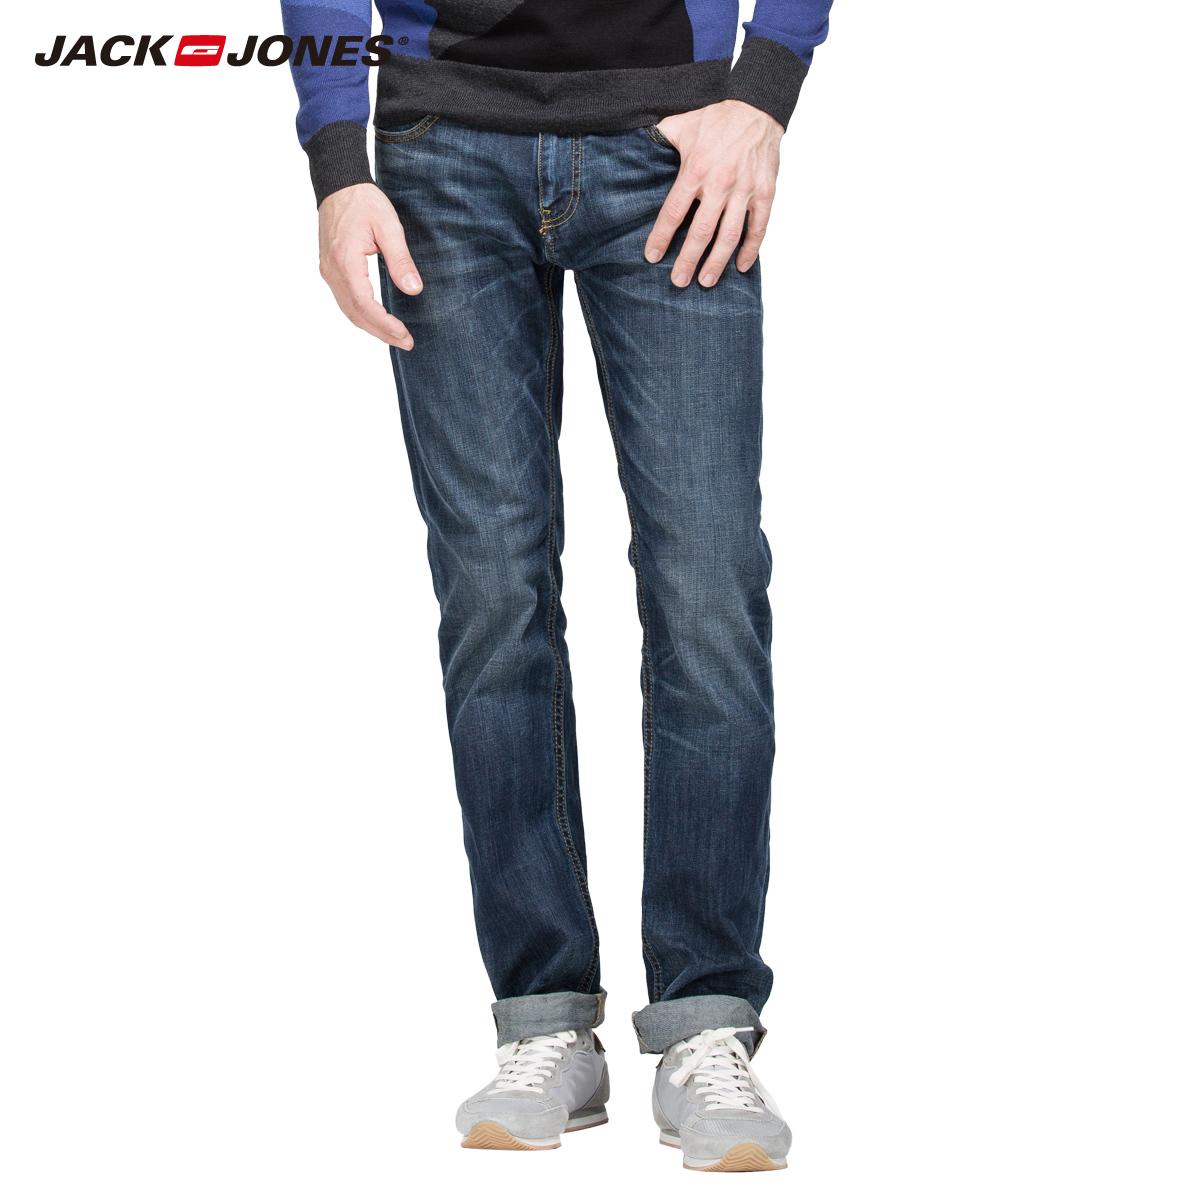 首降5折Jackjones进口含莱卡水洗直筒男牛仔裤C|214332003